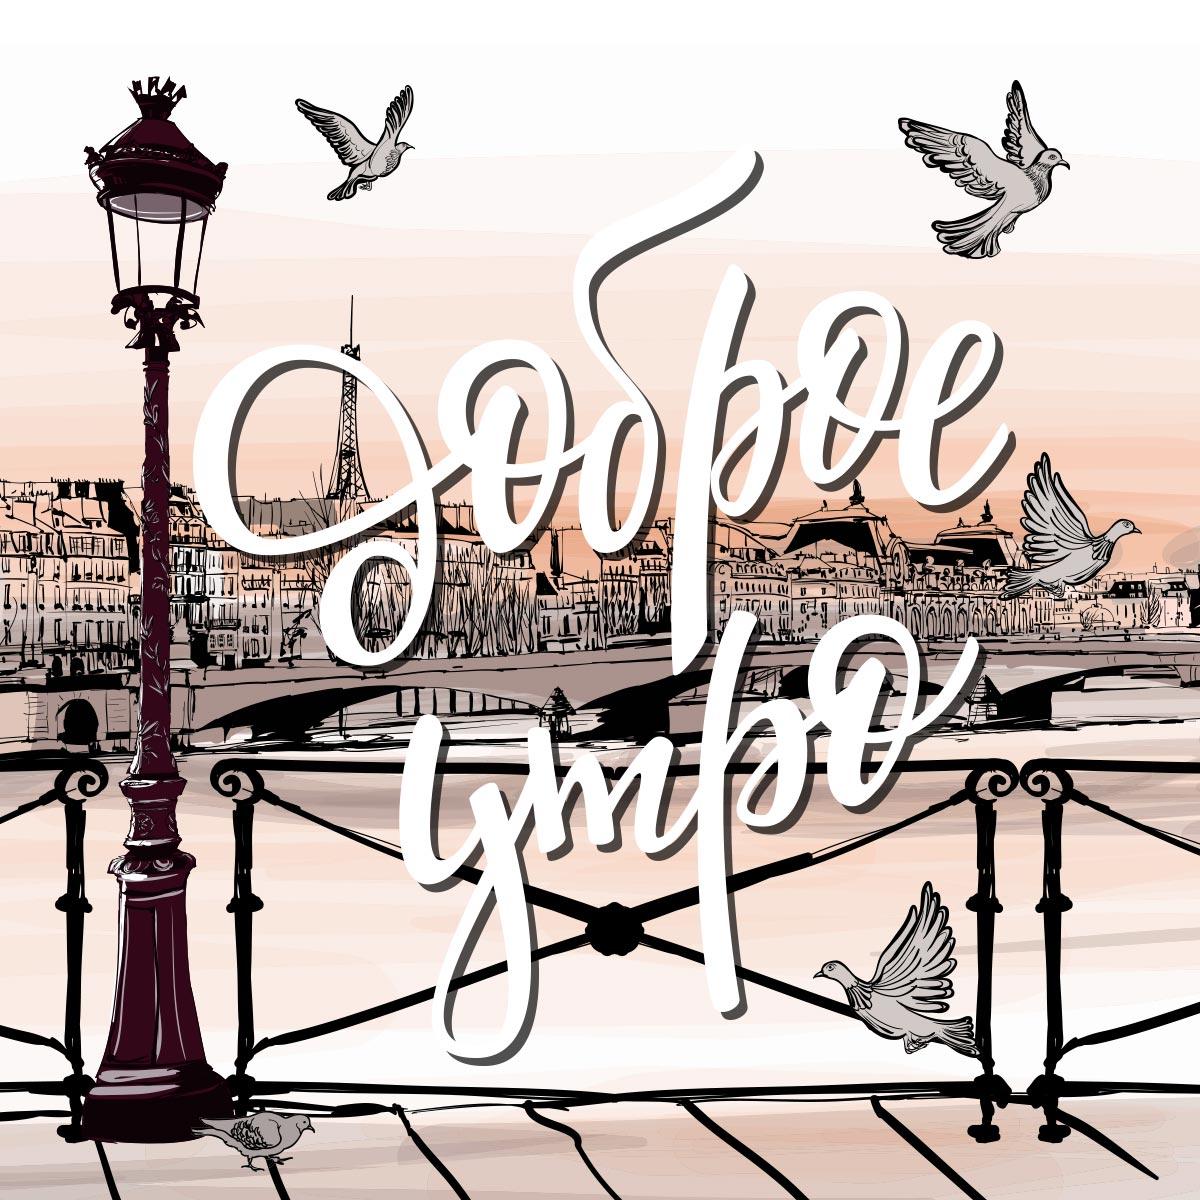 Картинка с каллиграфической надписью доброе утро в Париже с голубями и старинным уличным фонарём на фоне городсккого пейзажа с мостом через реку.